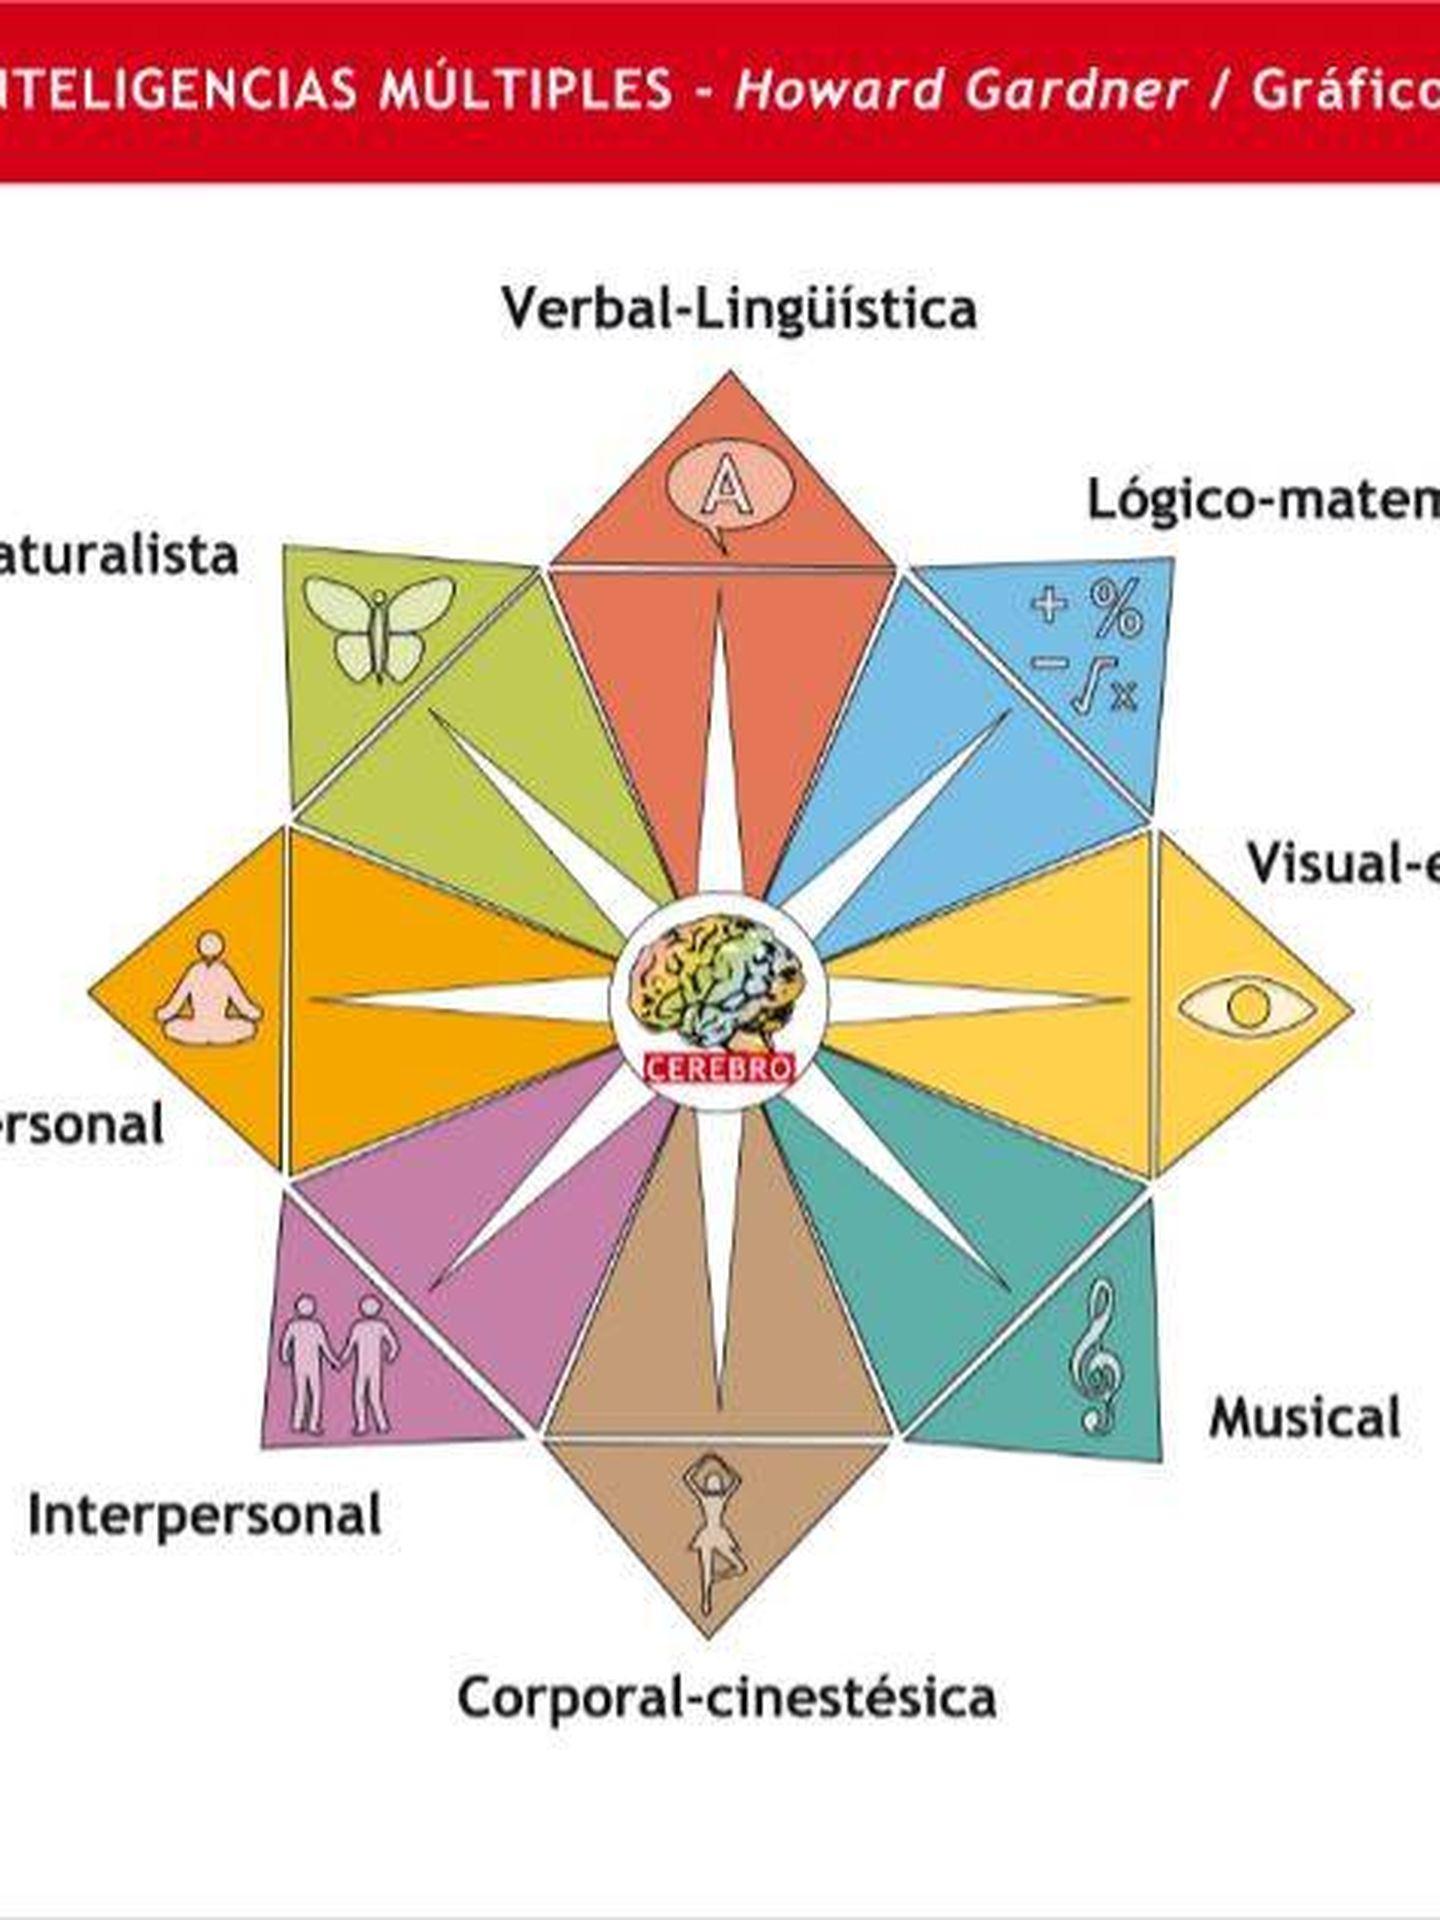 Gráfico explicativo de las Inteligencias Múltiples.